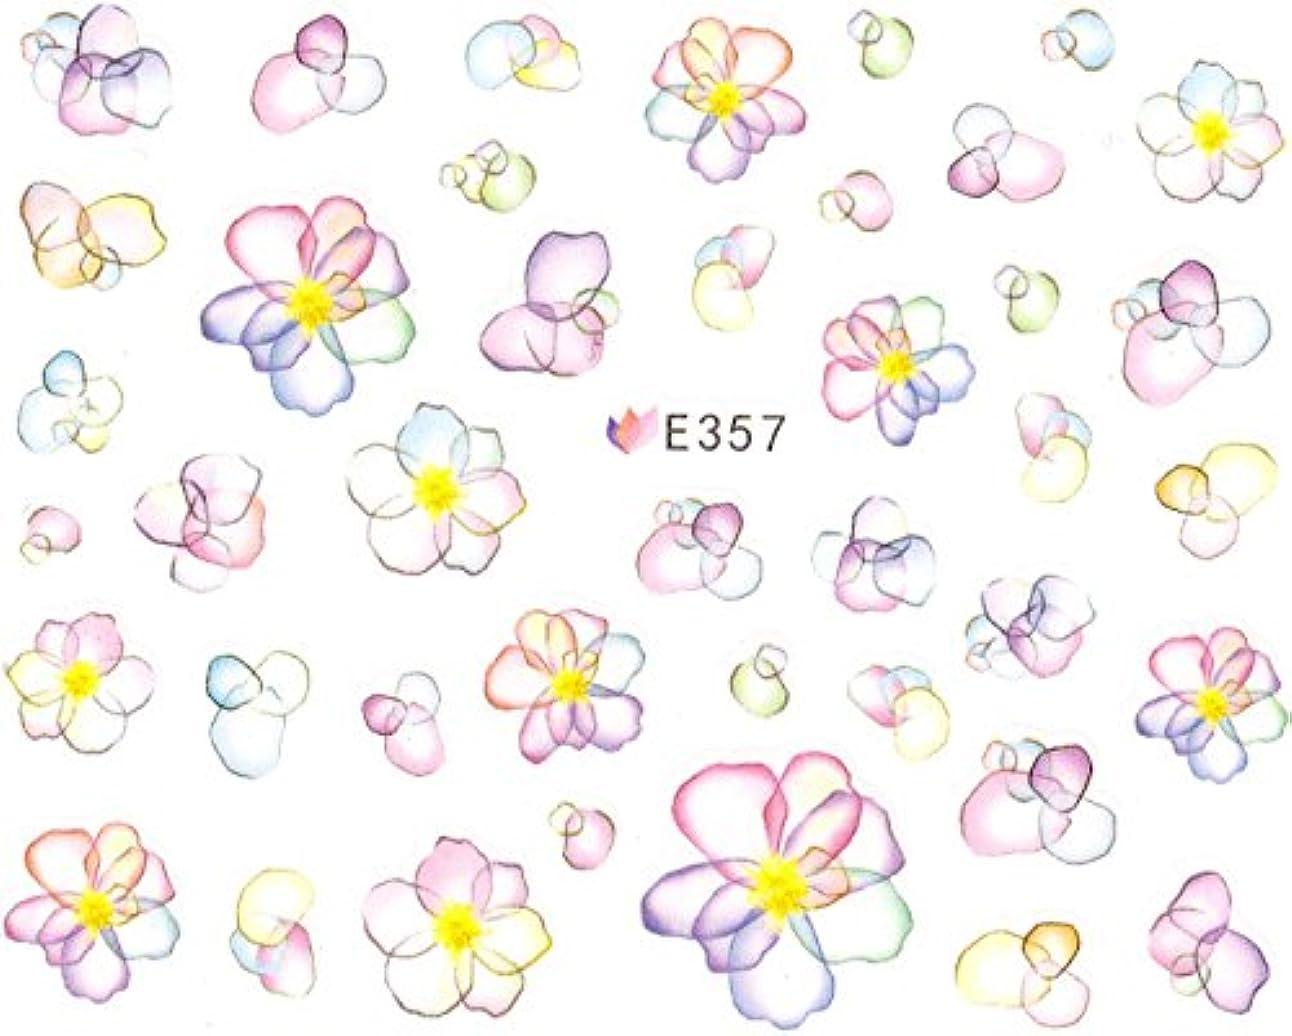 組み込む影響和解するネイルシール 水彩風 花 フラワー 選べる10種類 (03-T32)